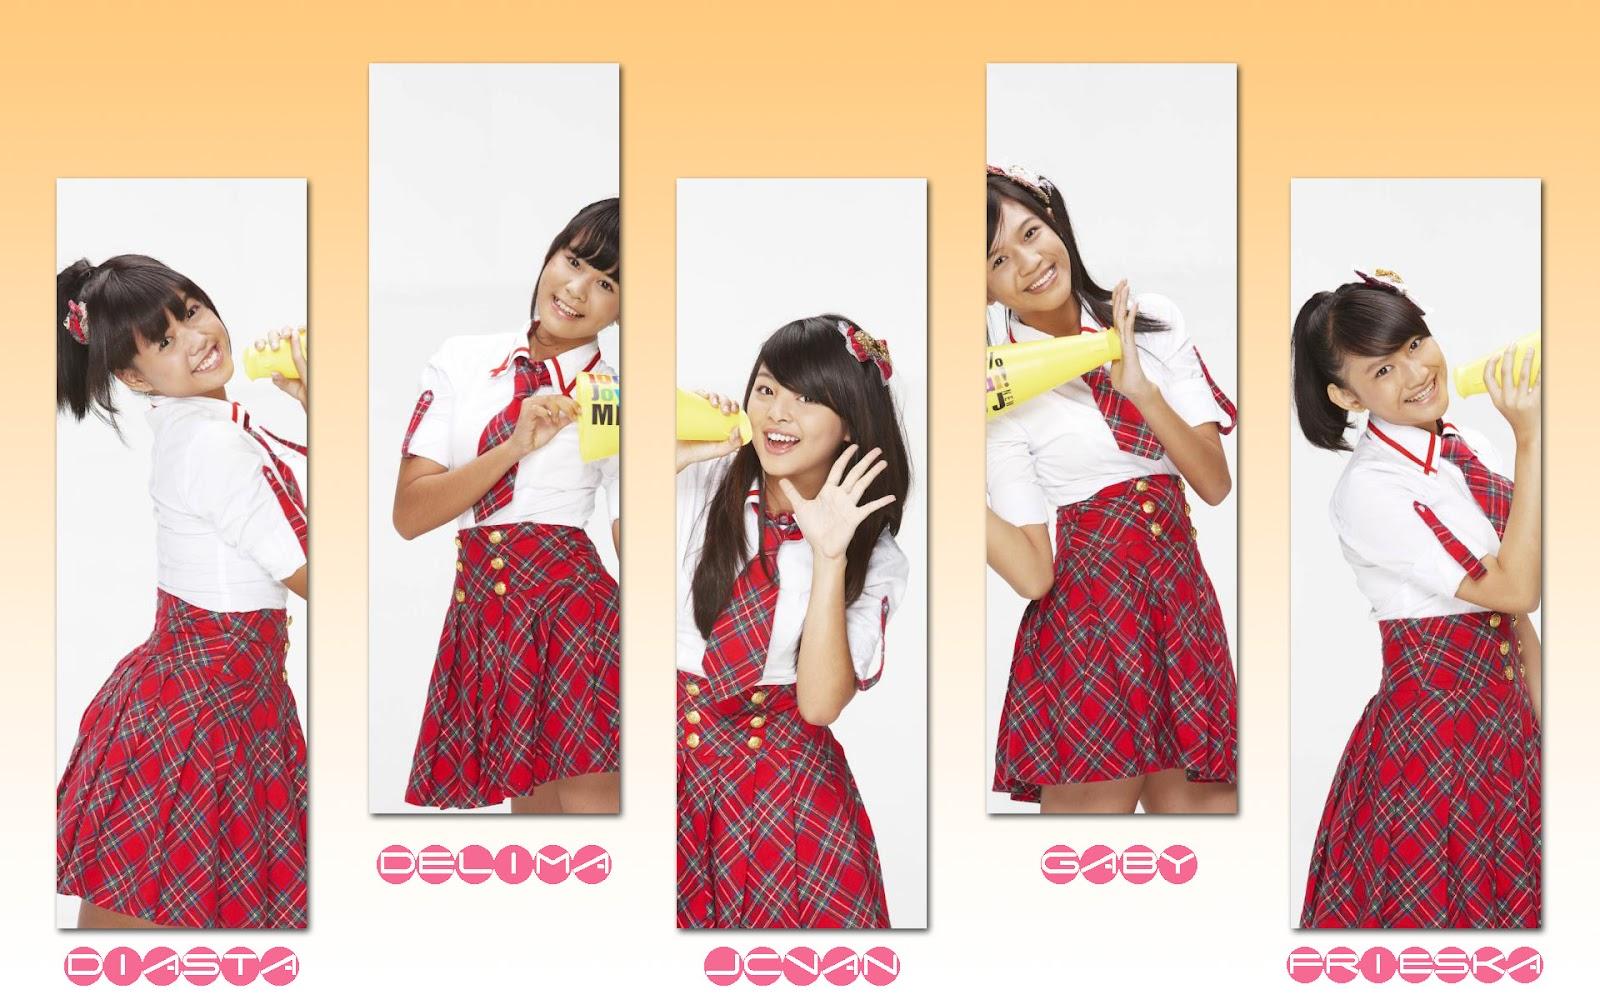 JKT48 Wallpapers: Wallpaper Melody JKT48